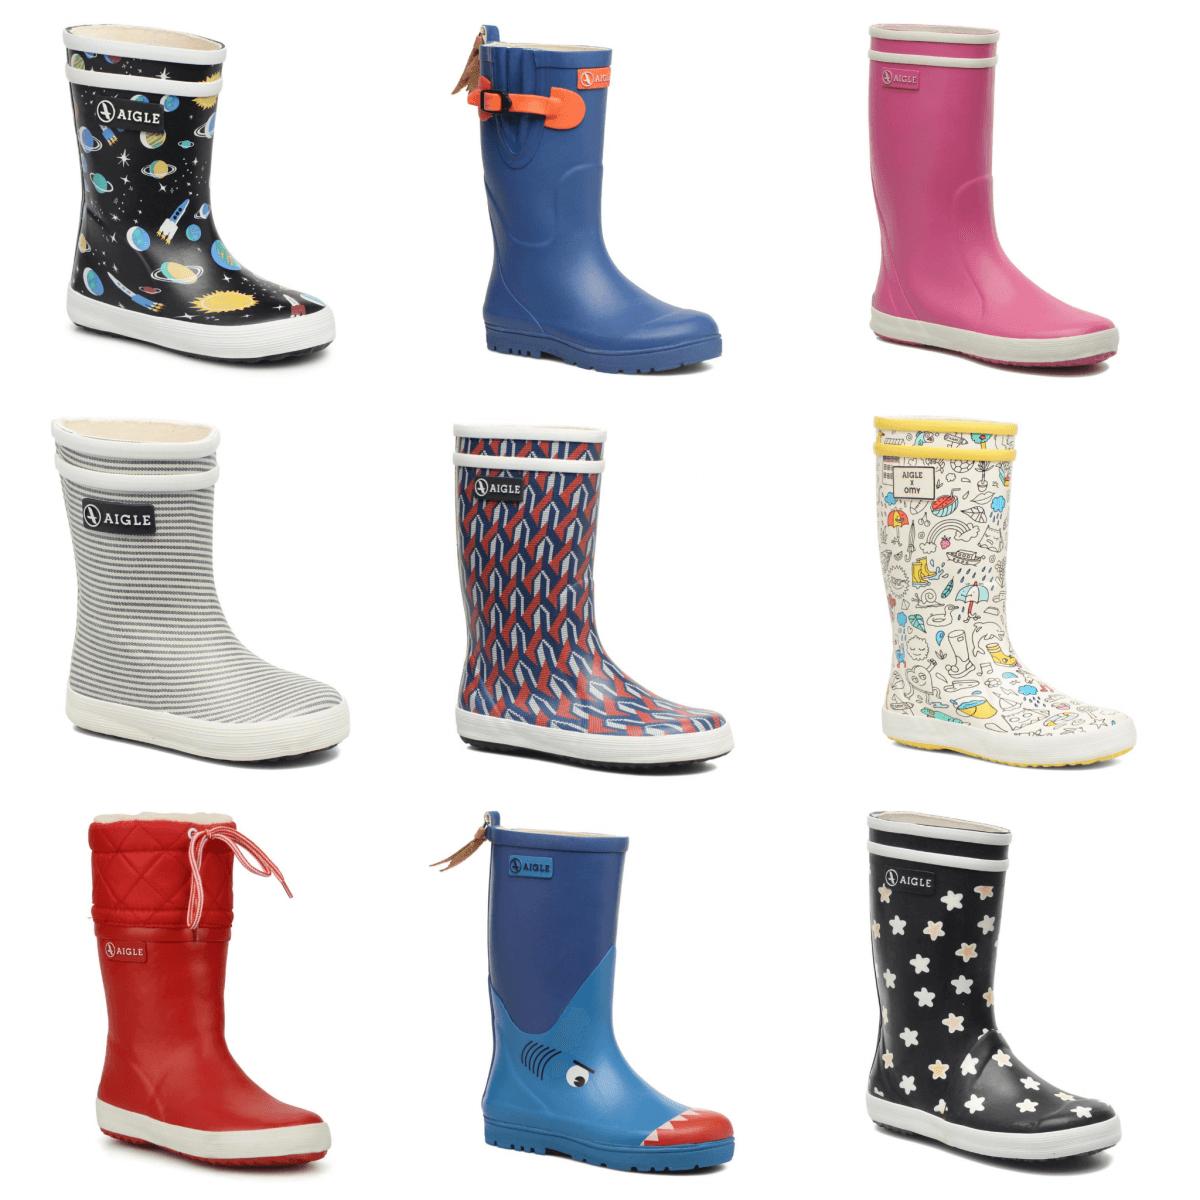 Voor jou uitgezocht: hippe regenjassen, regenbroeken en regenlaarzen #leukmetkids